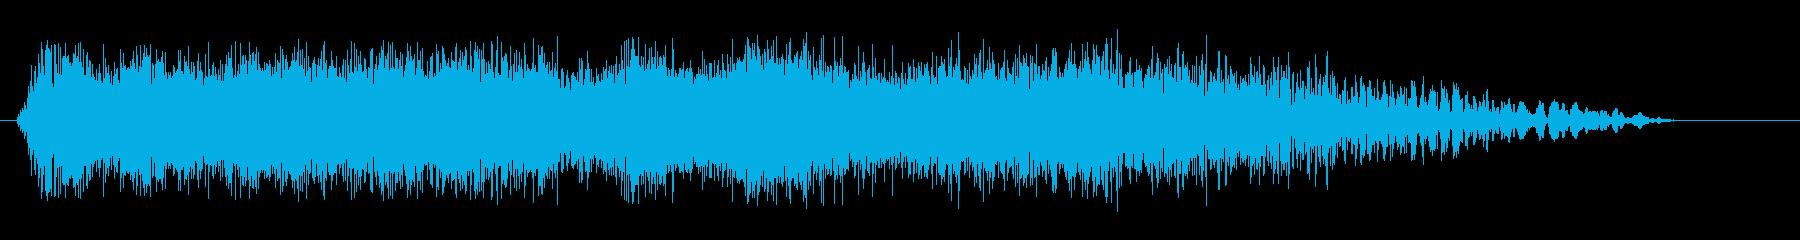 シューンシュワワ(ややダウン)の再生済みの波形